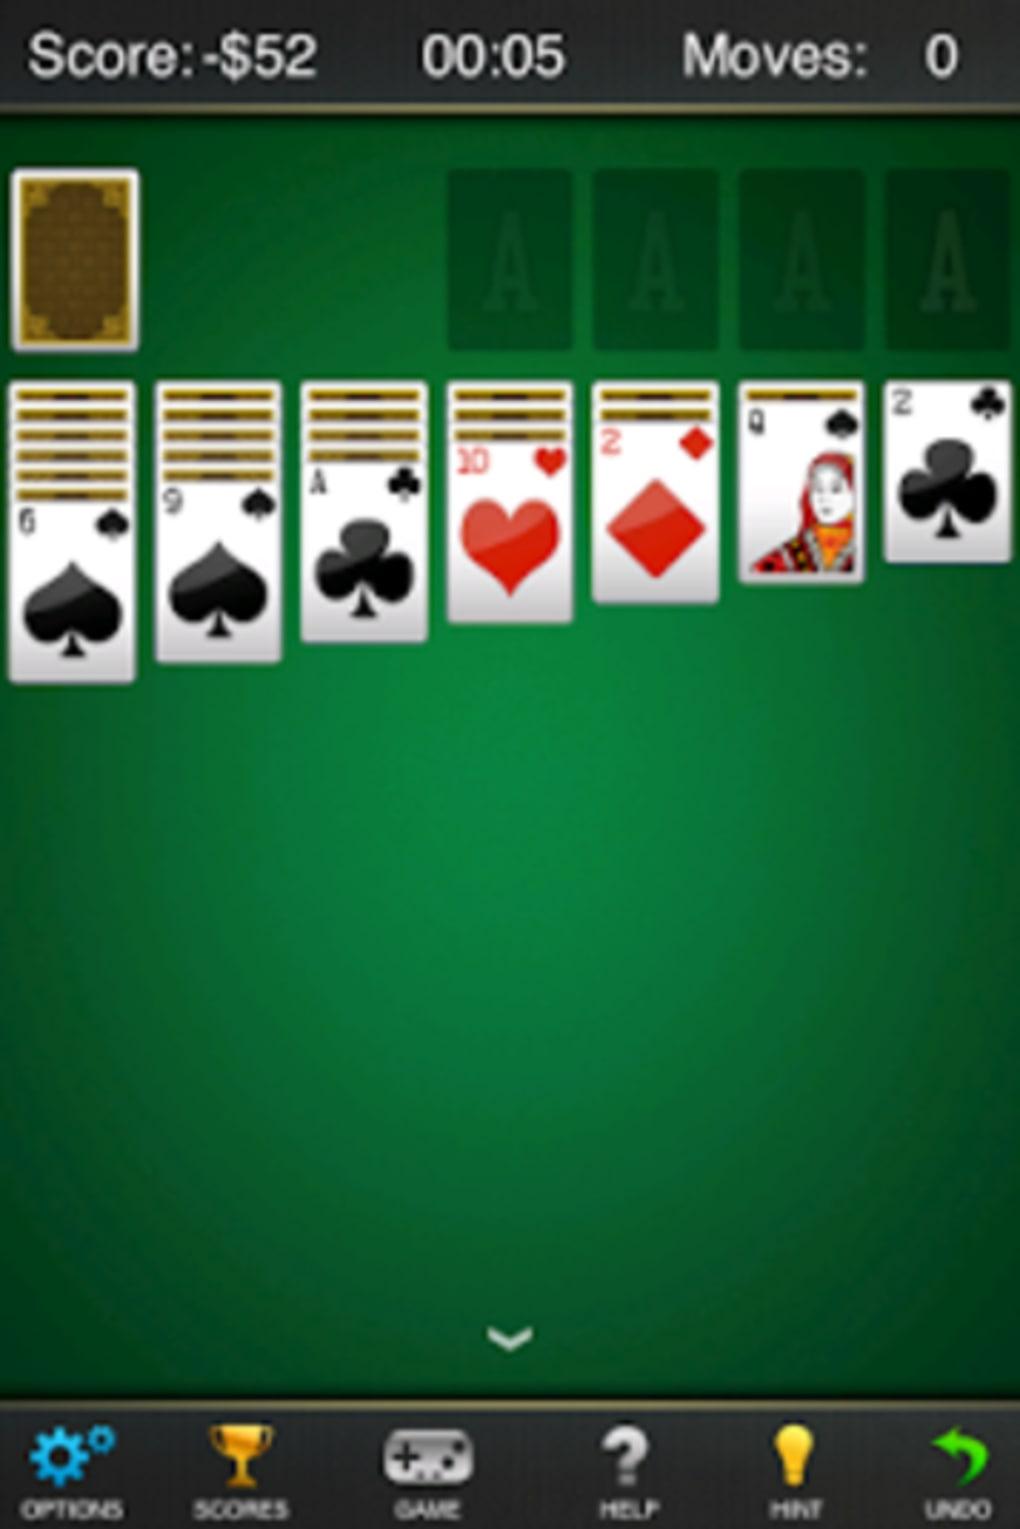 solitaire clondake скачать полную версию для андроид